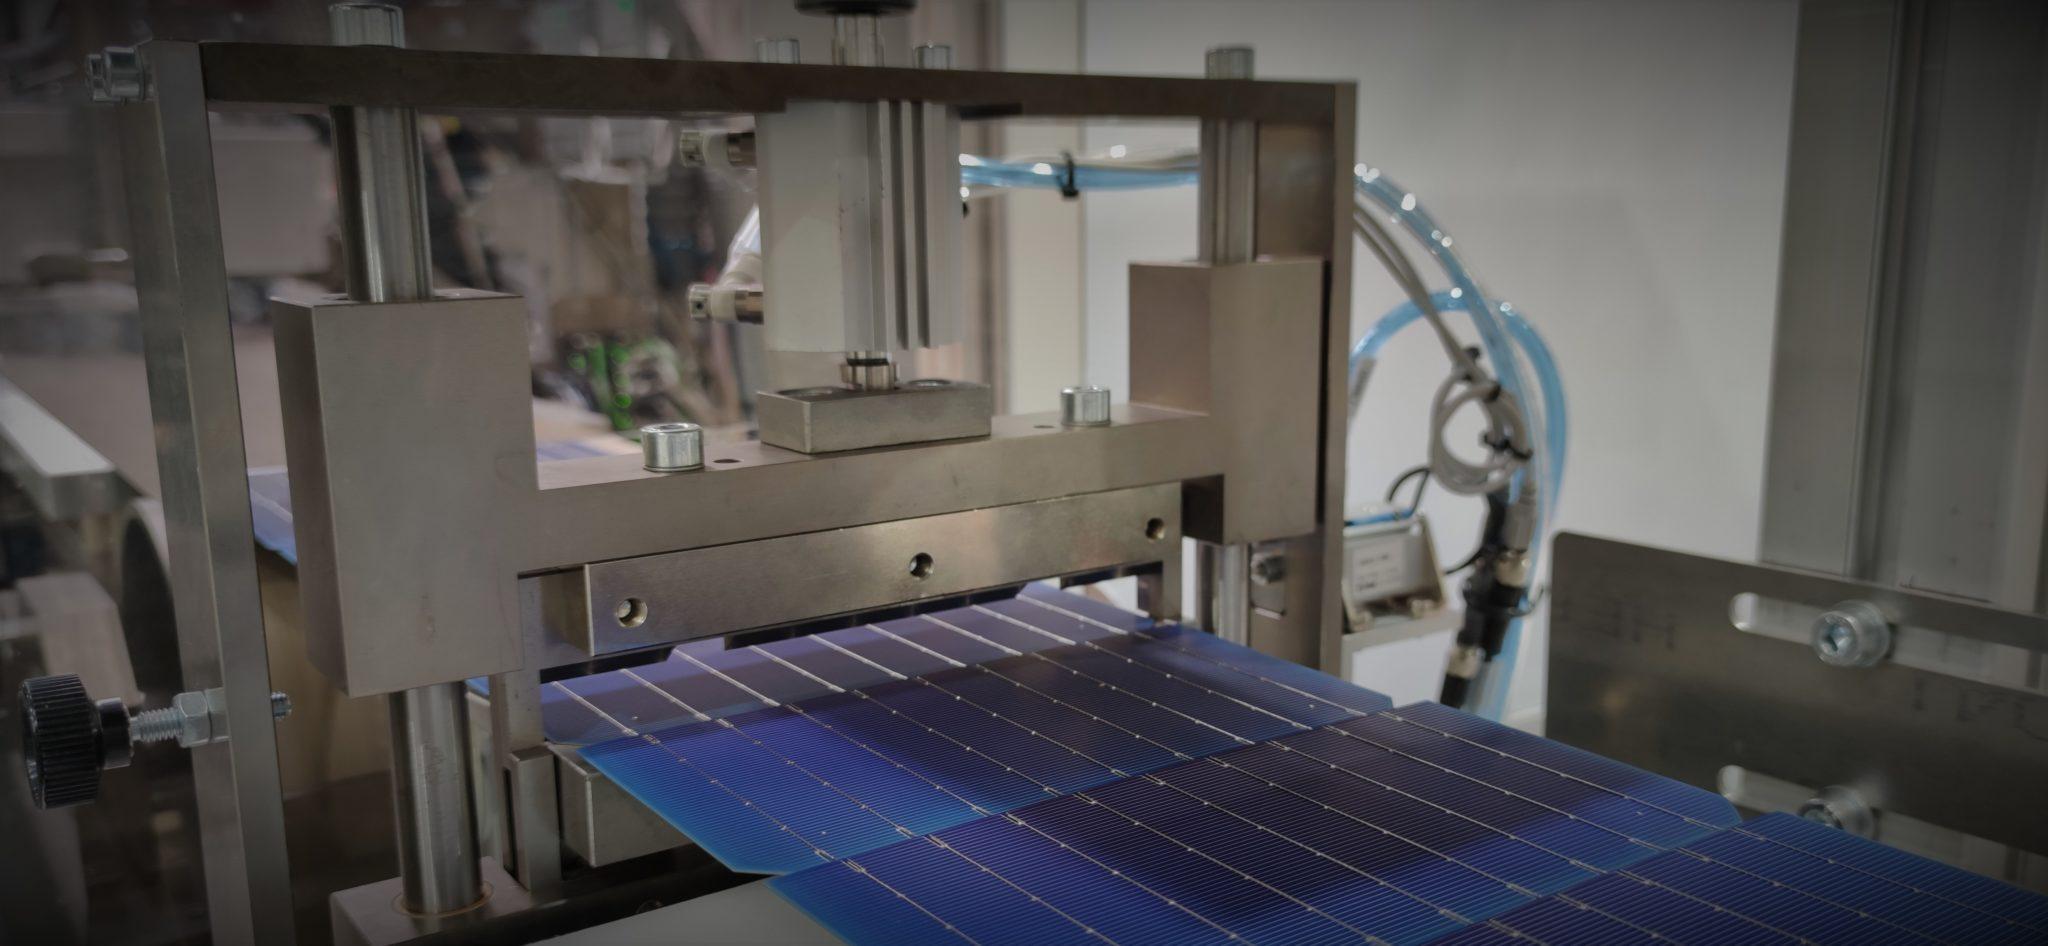 Zelula fotovoltaikoen produktibitatea hobetzeko urrats berria